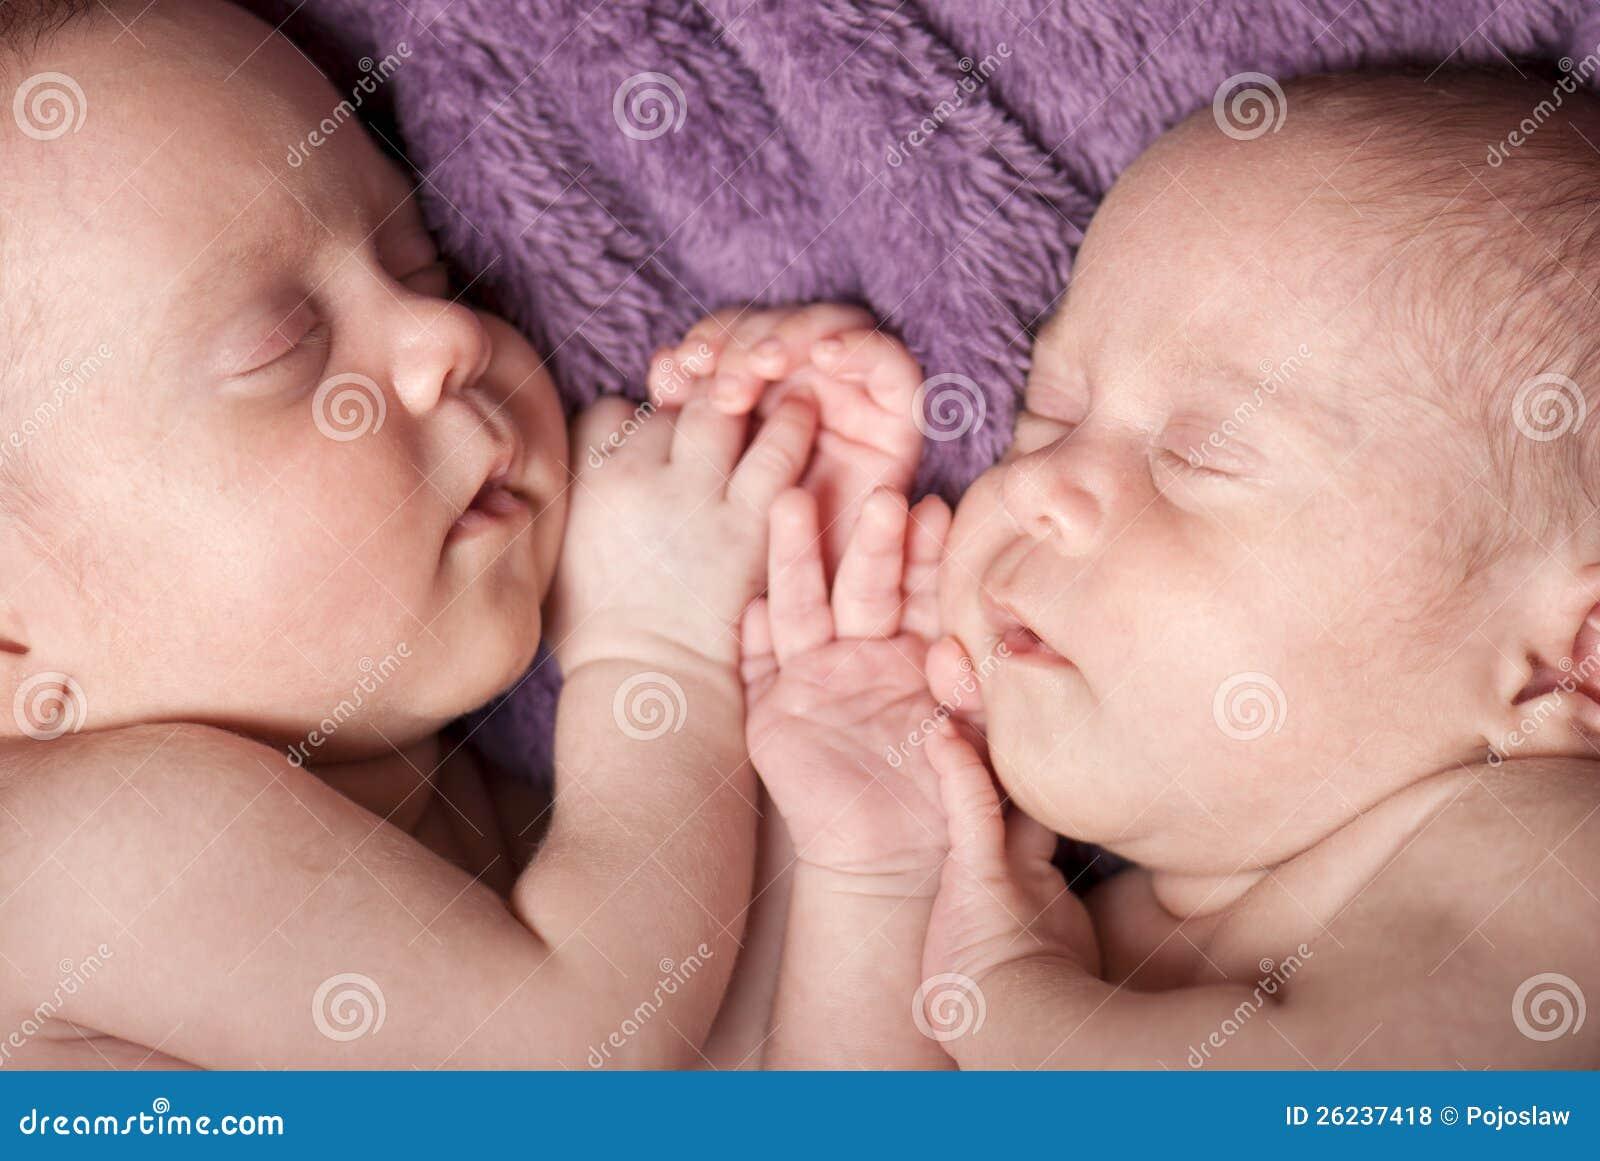 Jumeaux nouveau-nés